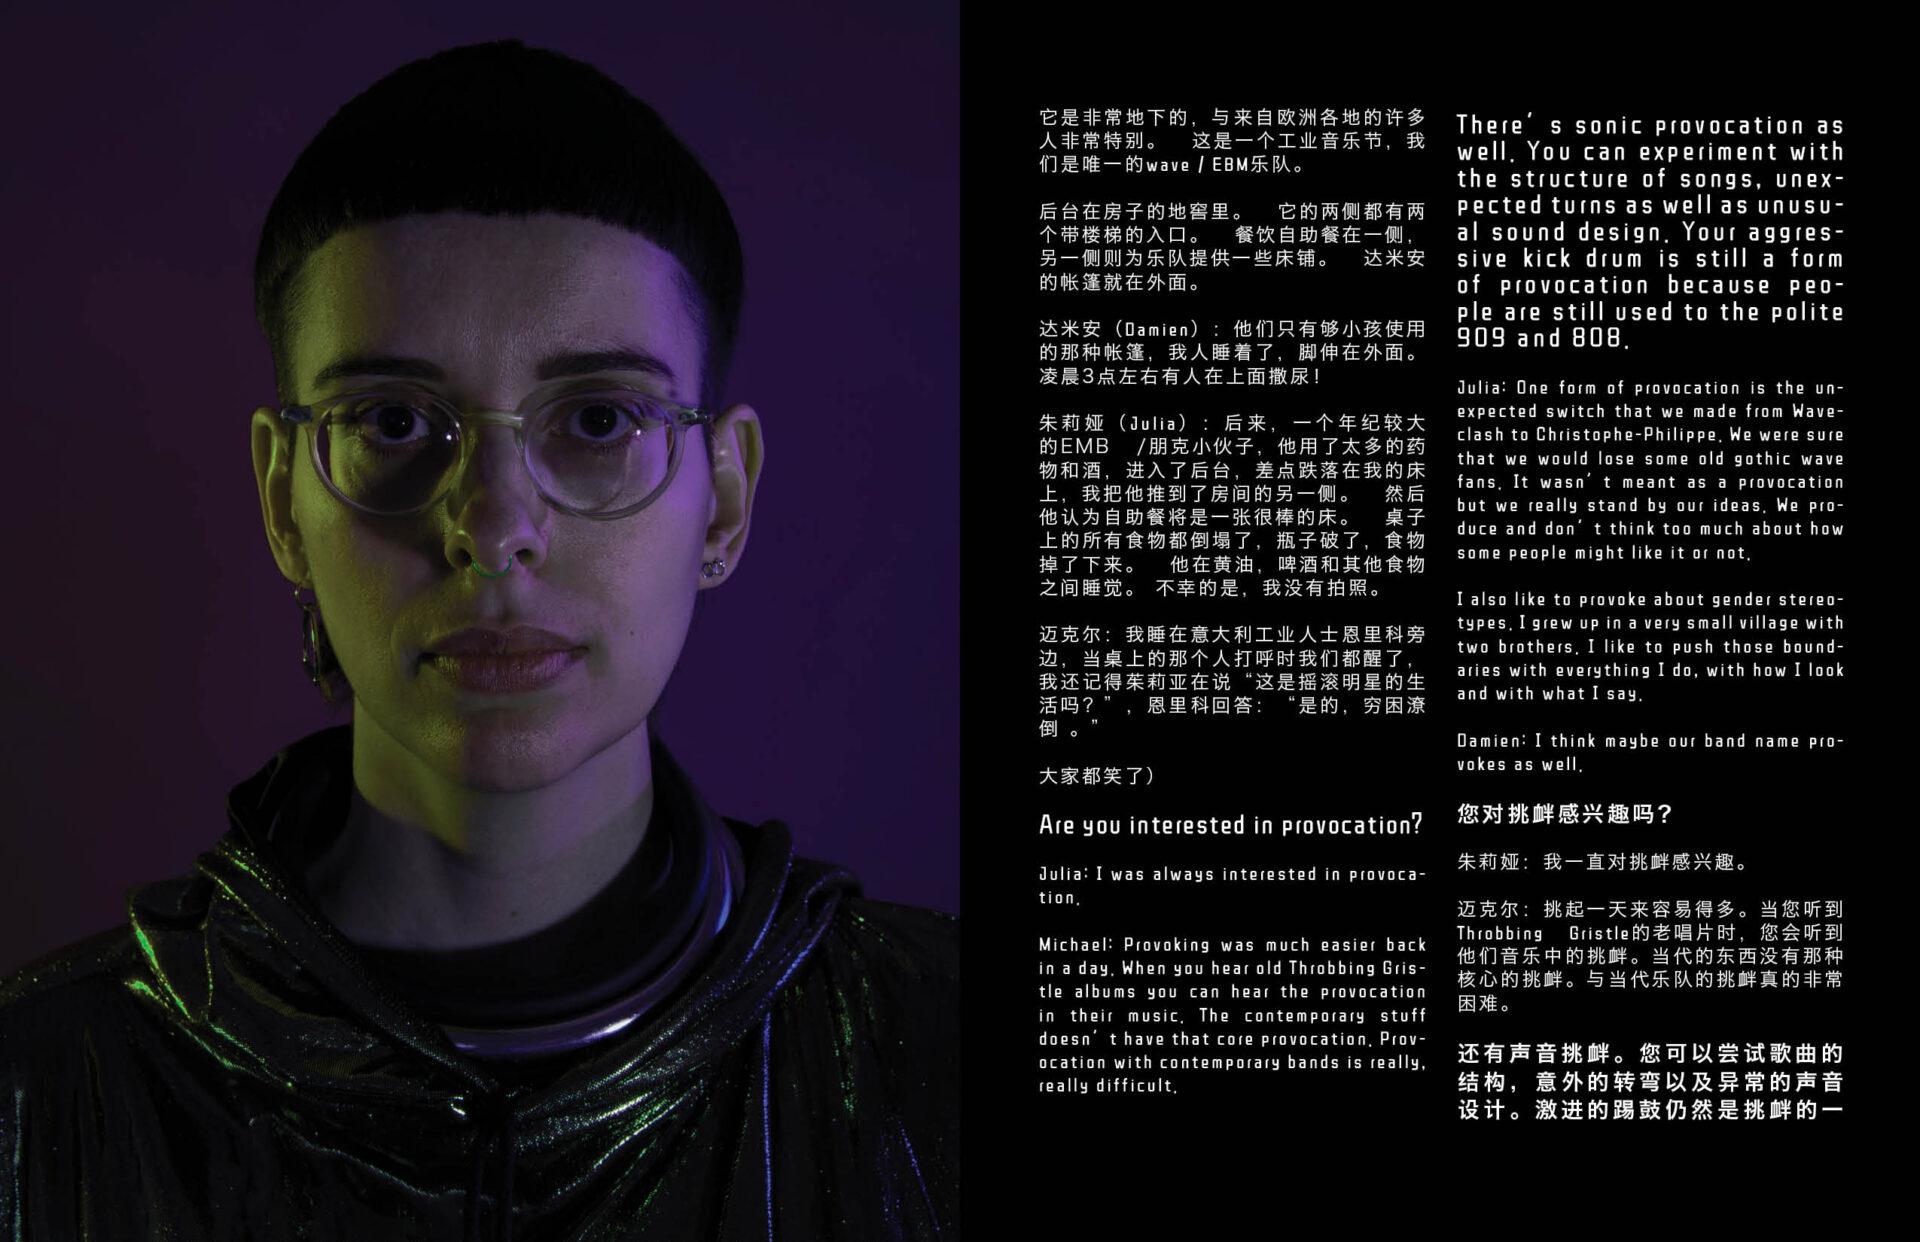 interview rueoberkampf by grzegorz Bacinski and Izabella chrobok photos by keyi studio berlin